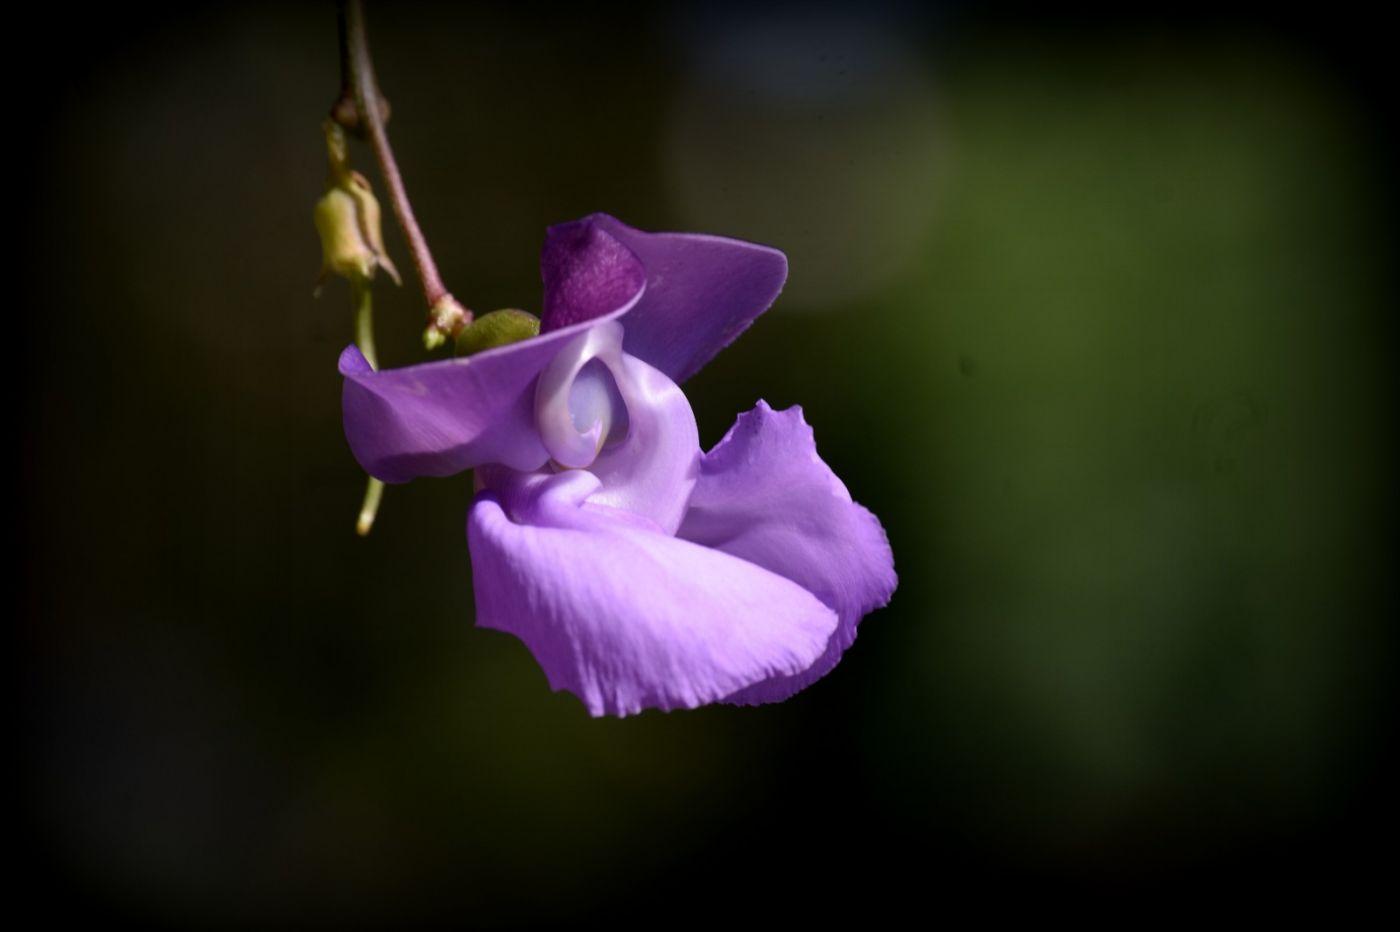 蜗牛花_图1-9